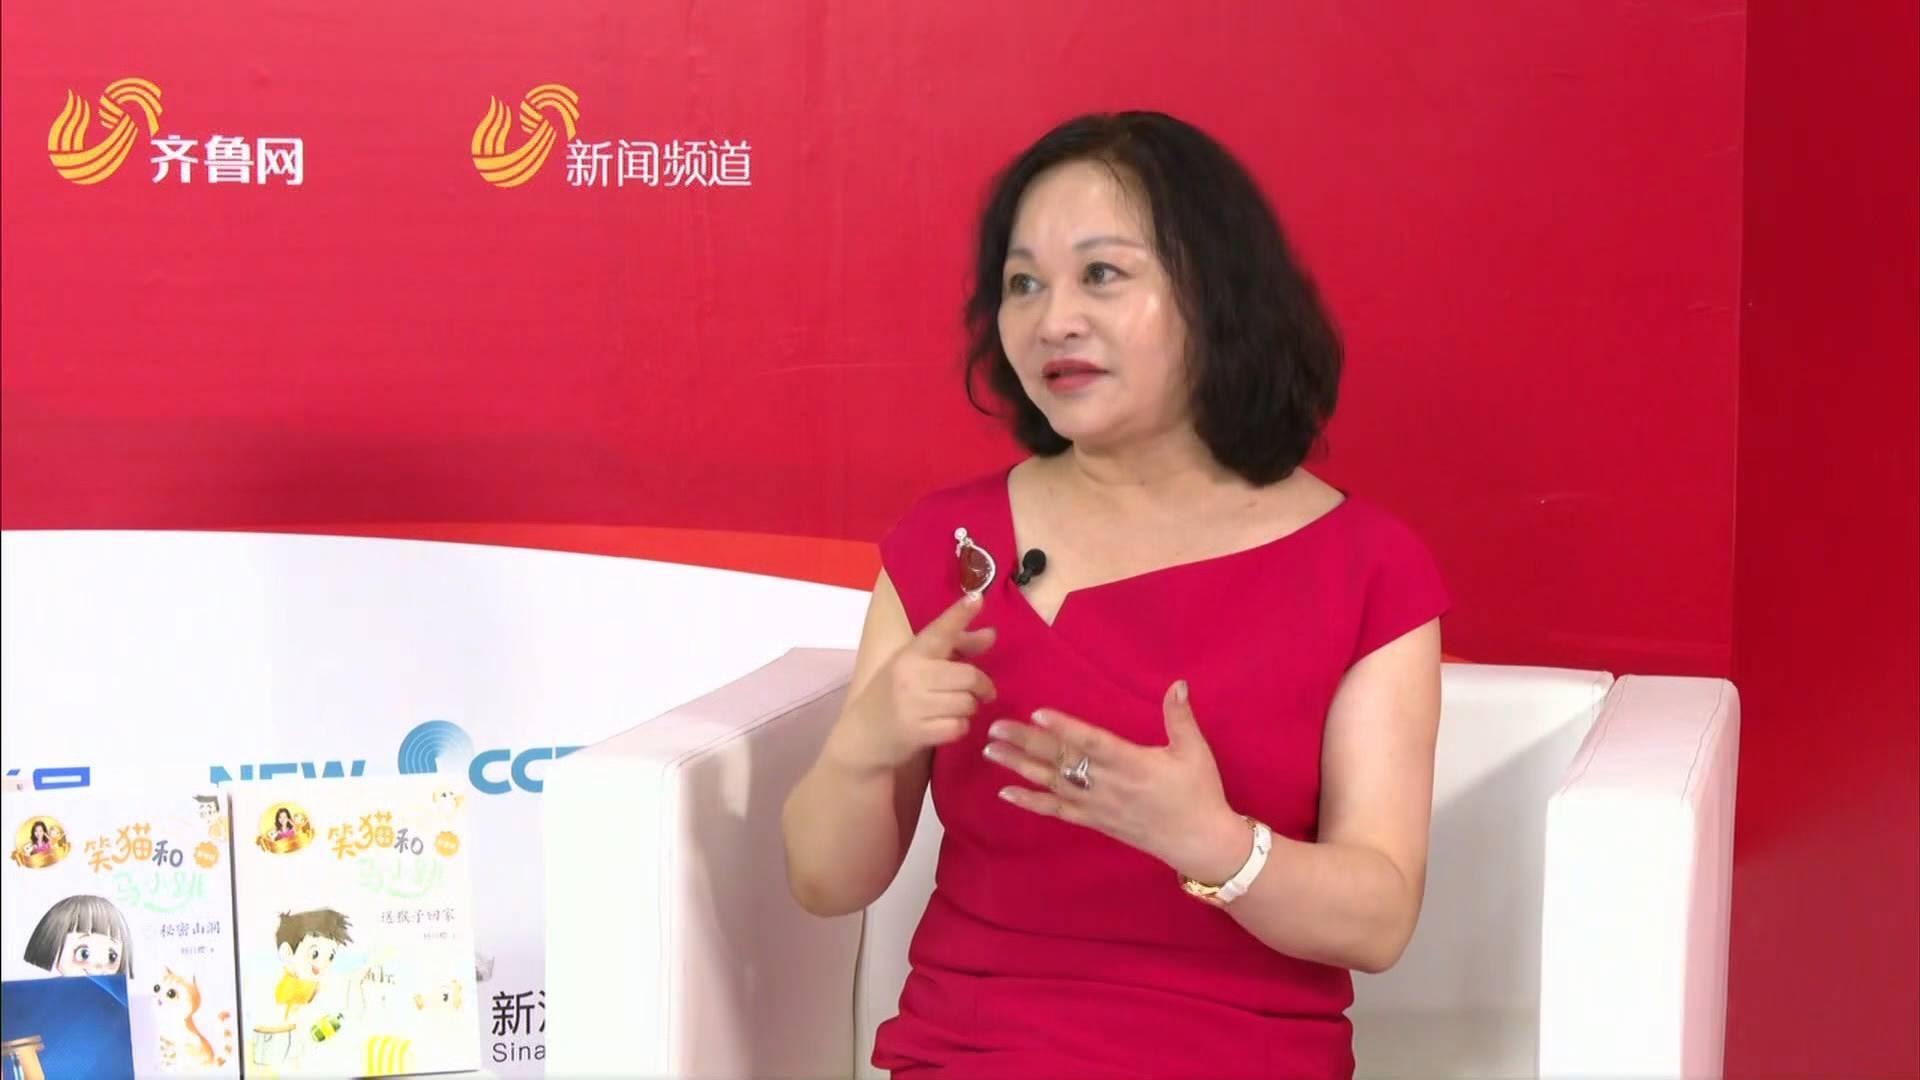 儿童文学作家杨红樱:儿童读物最重要的一点是满足孩子的心灵成长